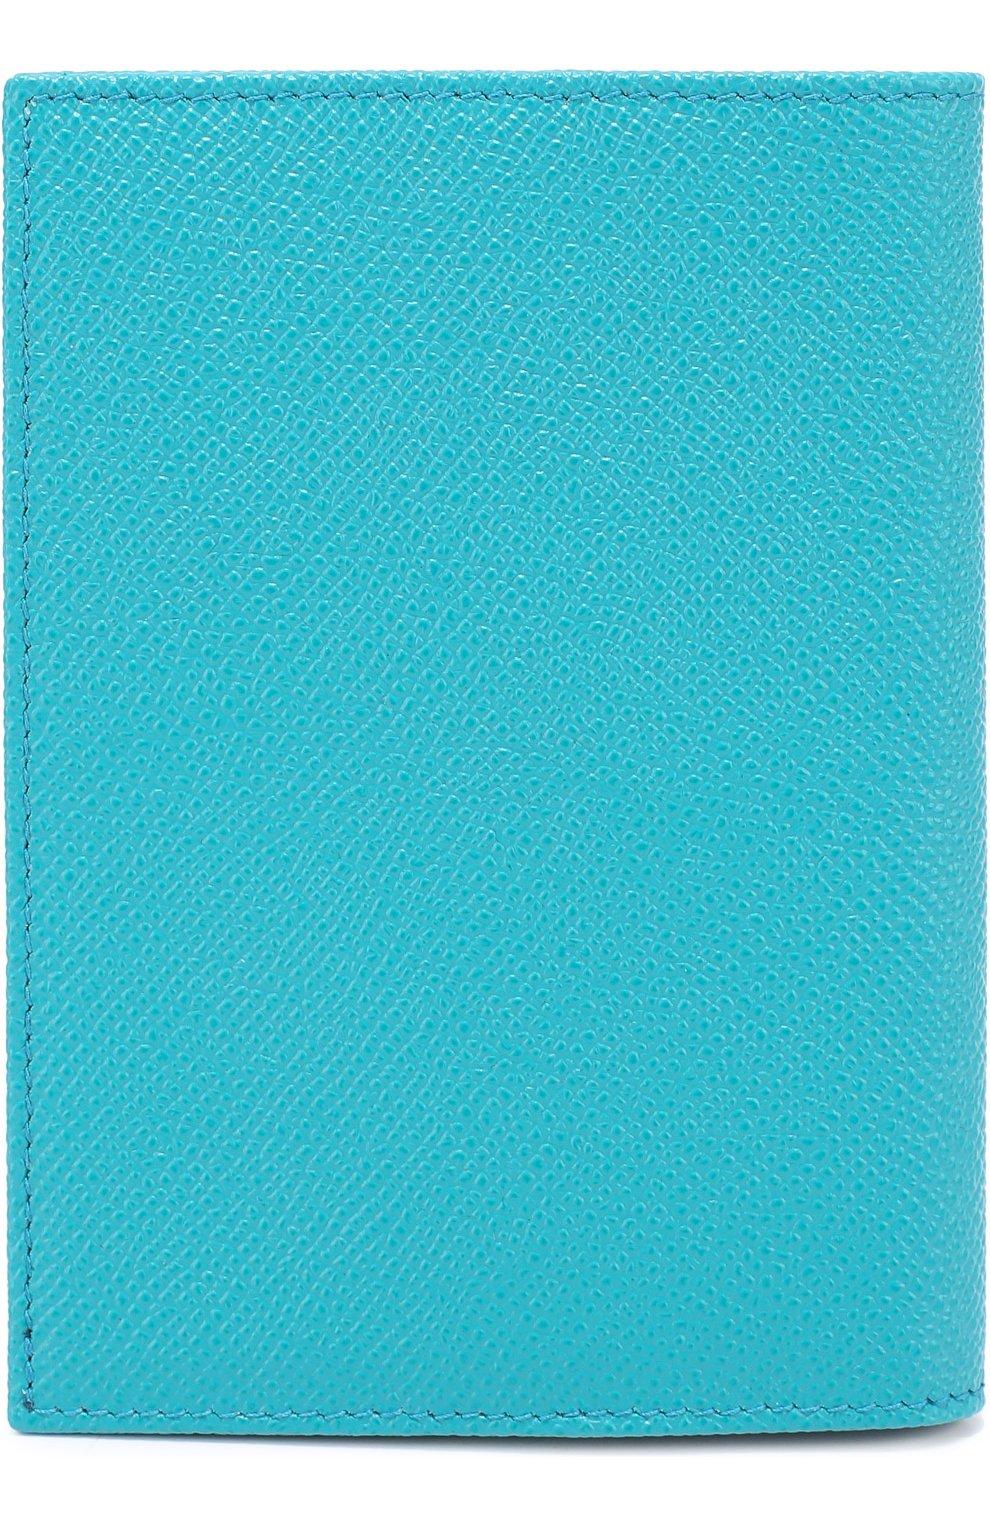 Кожаная обложка для паспорта с отделением для кредитных карт | Фото №2